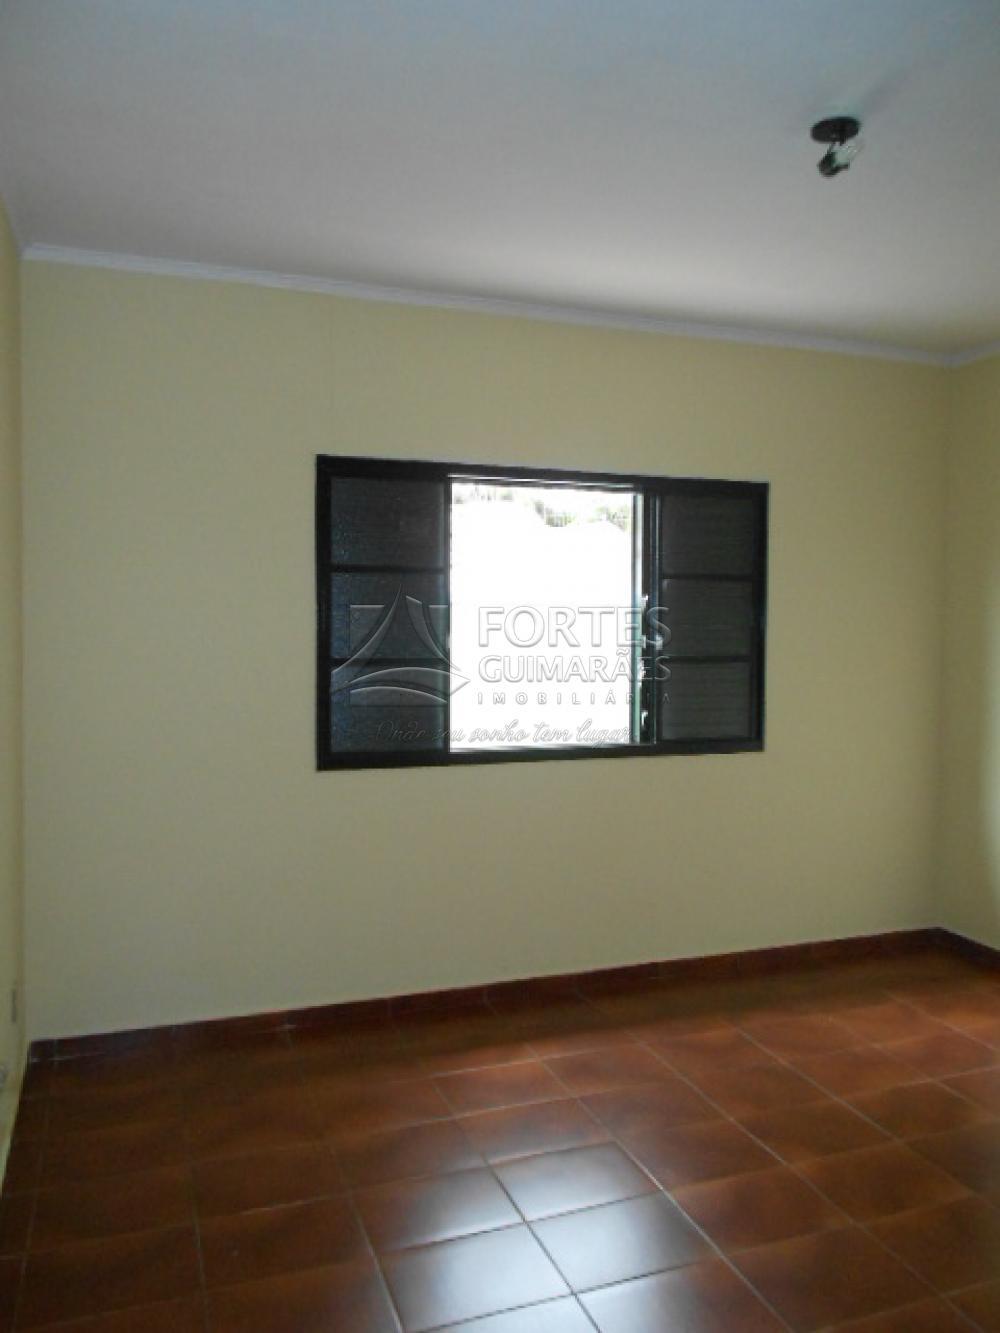 Alugar Comercial / Imóvel Comercial em Ribeirão Preto apenas R$ 5.000,00 - Foto 36